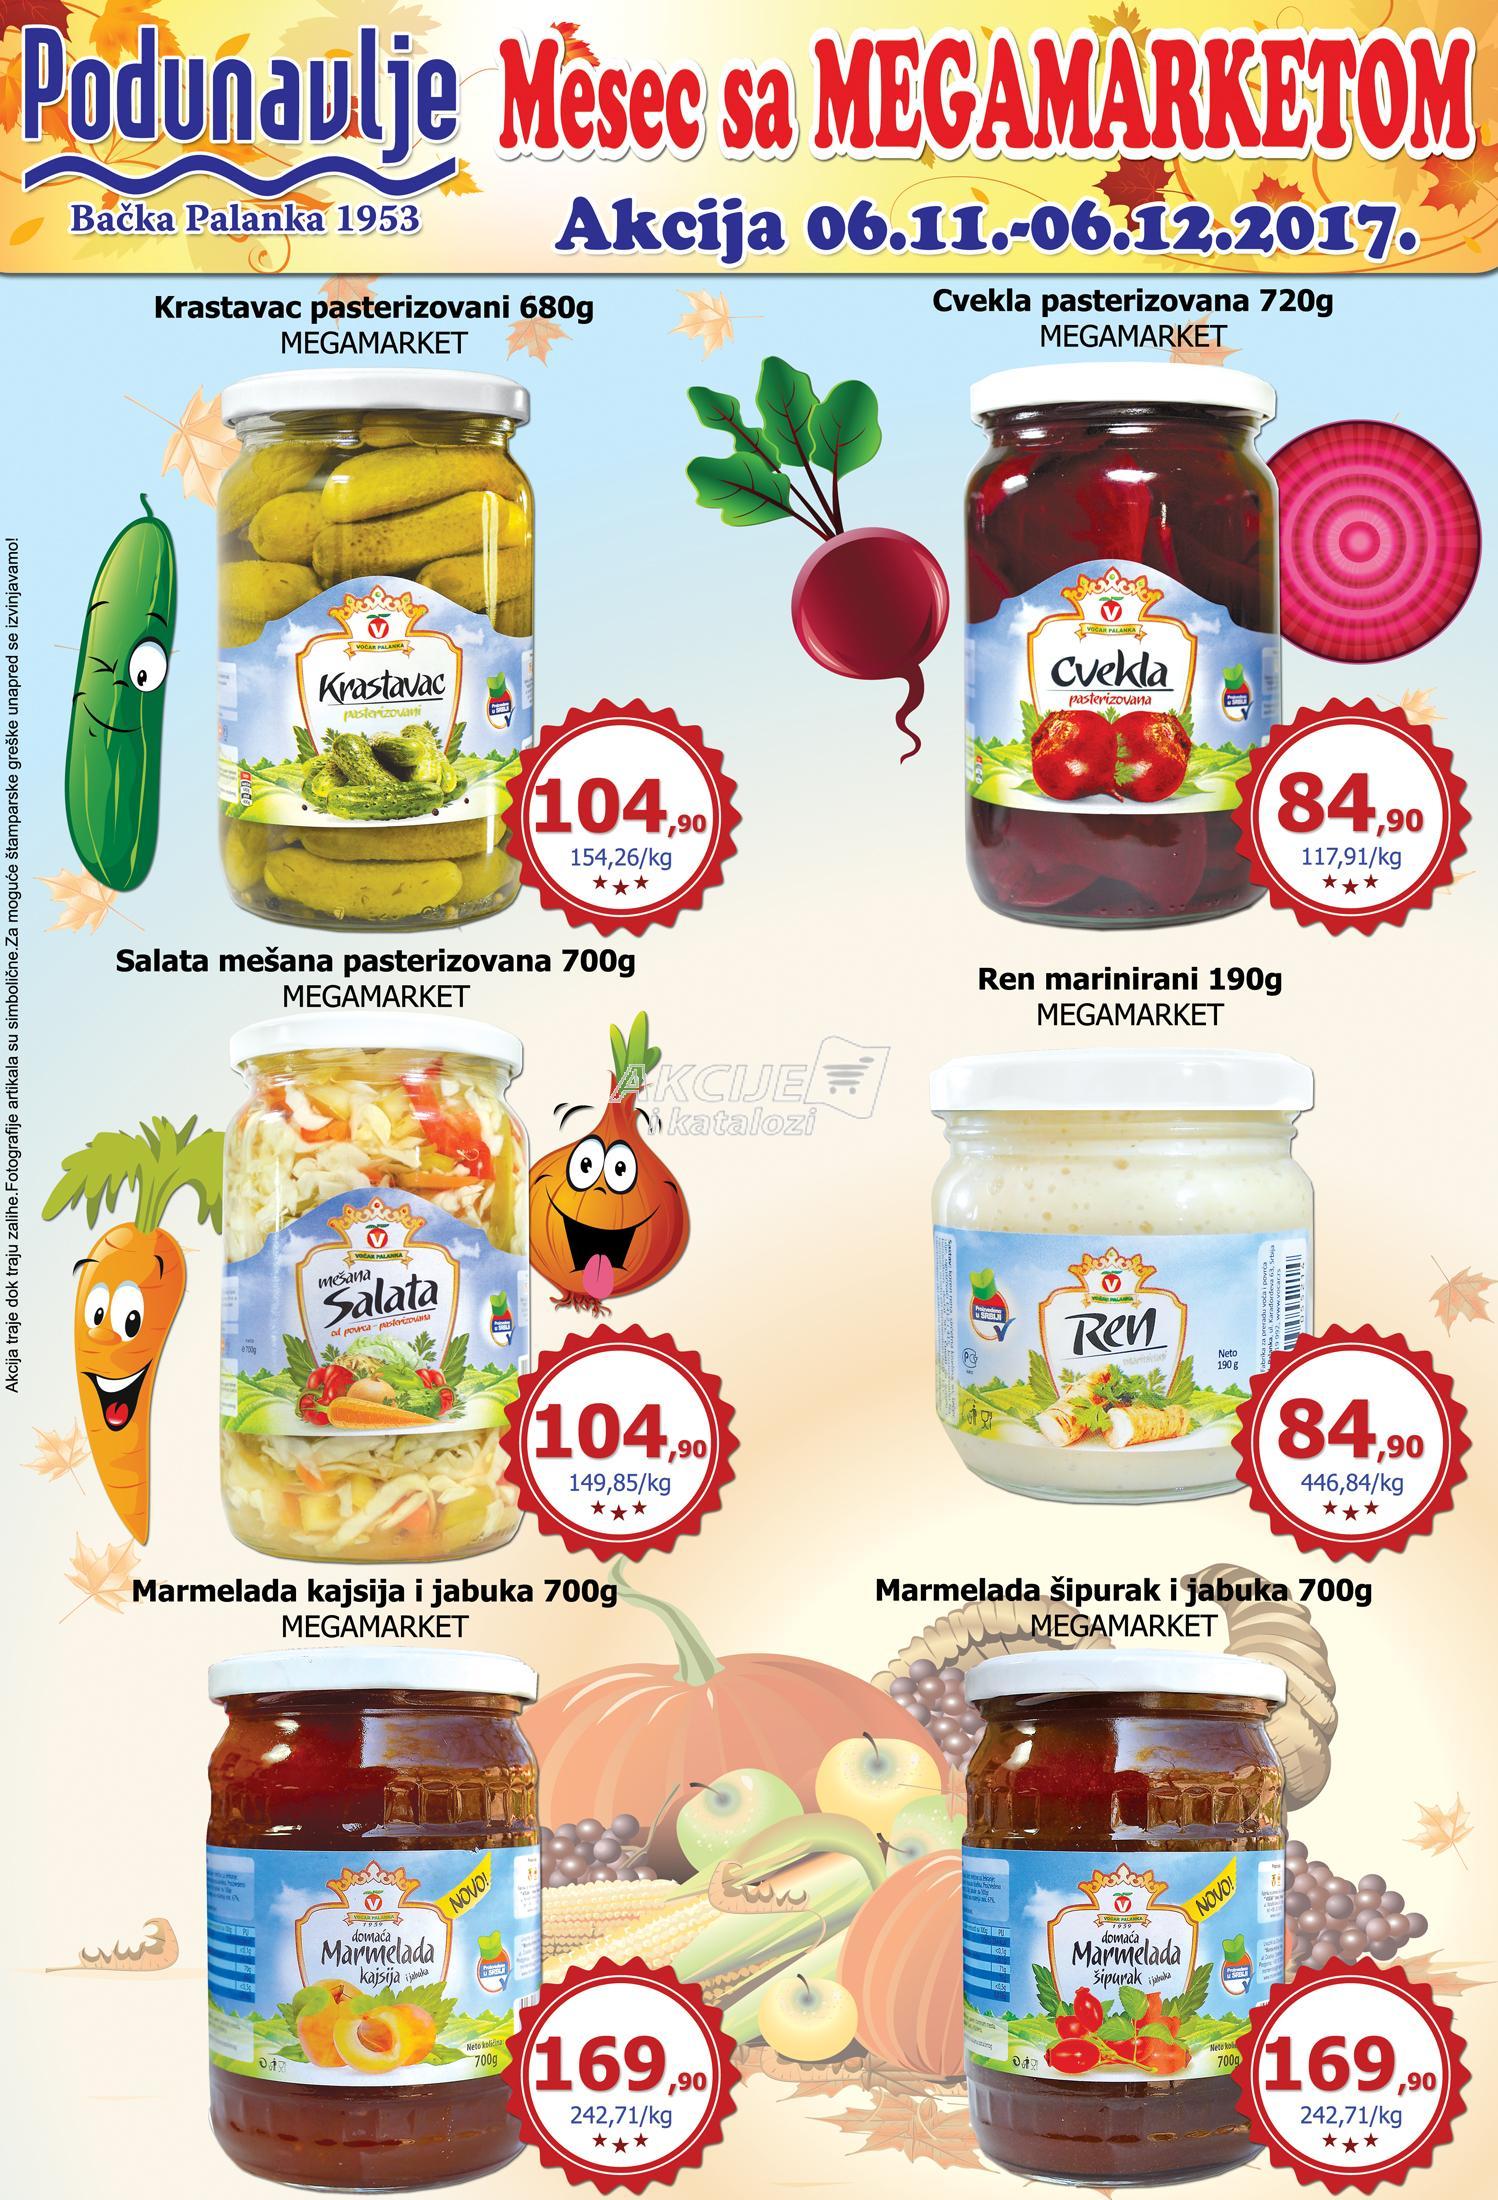 AD Podunavlje - Redovna akcija mesec sa Megamarketom